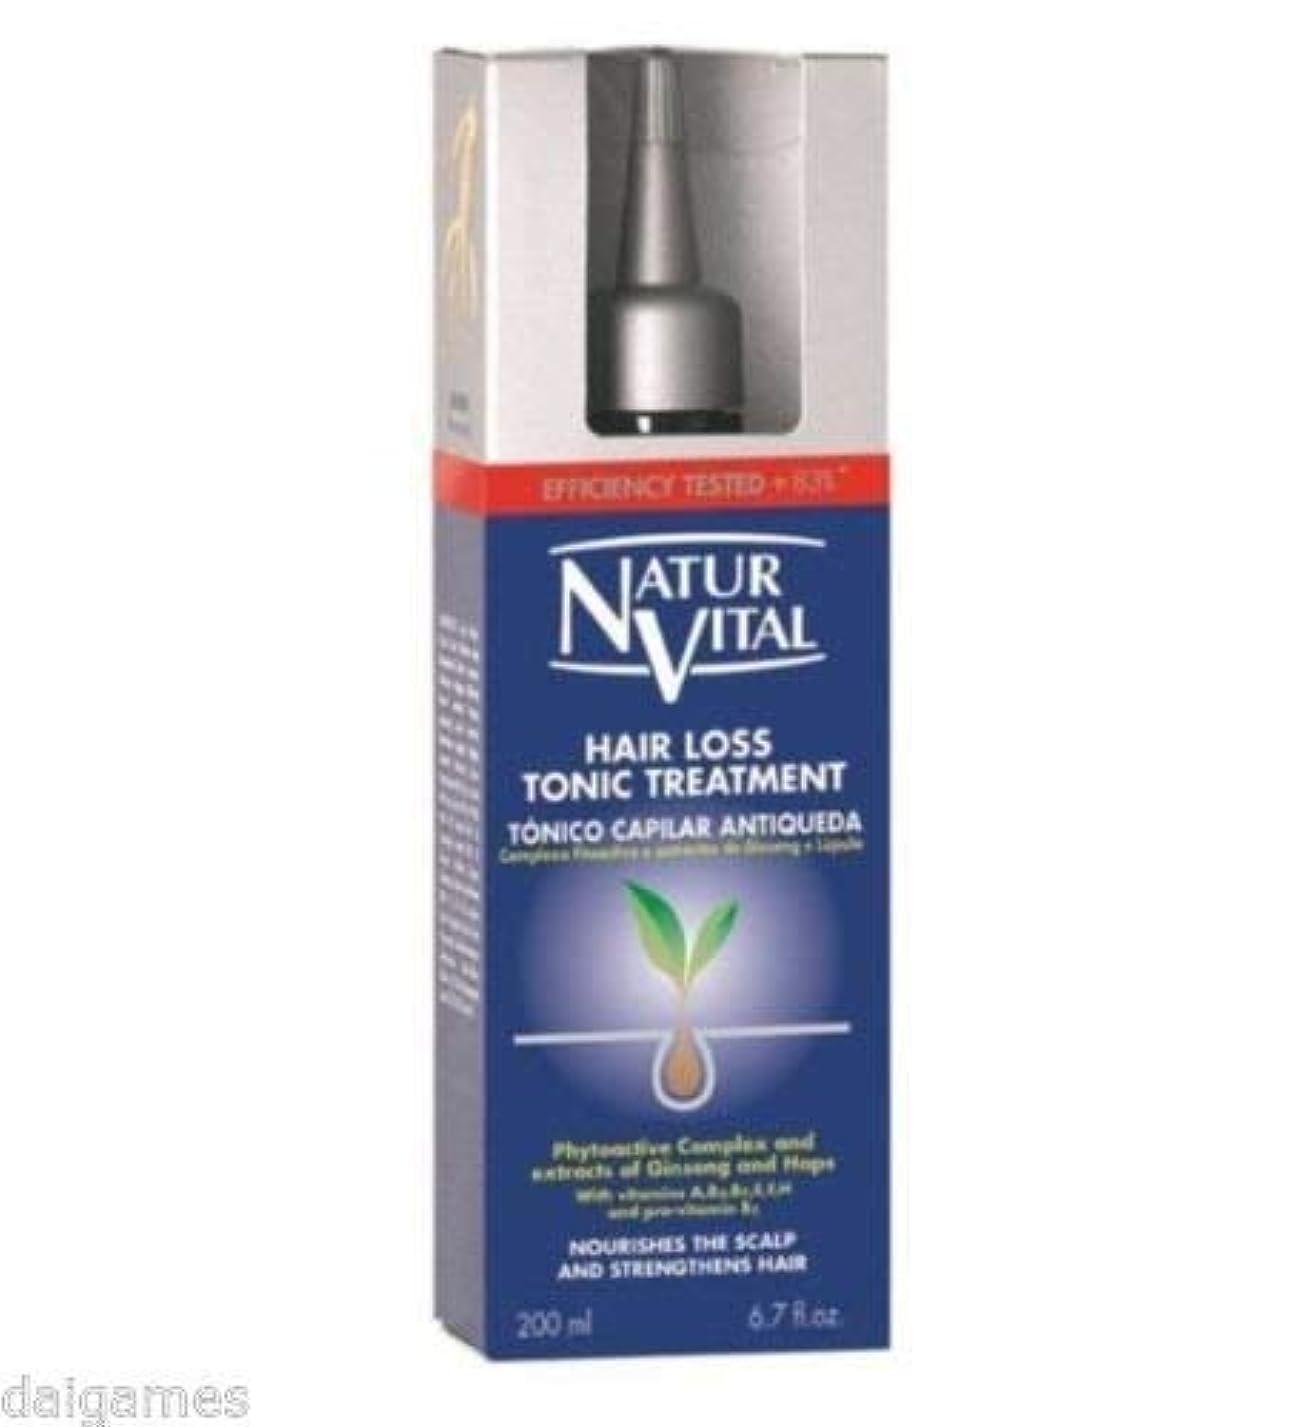 恩恵わな抜け目のないNATURVITAL 抜け毛トリートメントトニック200は、脱毛の症状を戦うmlの